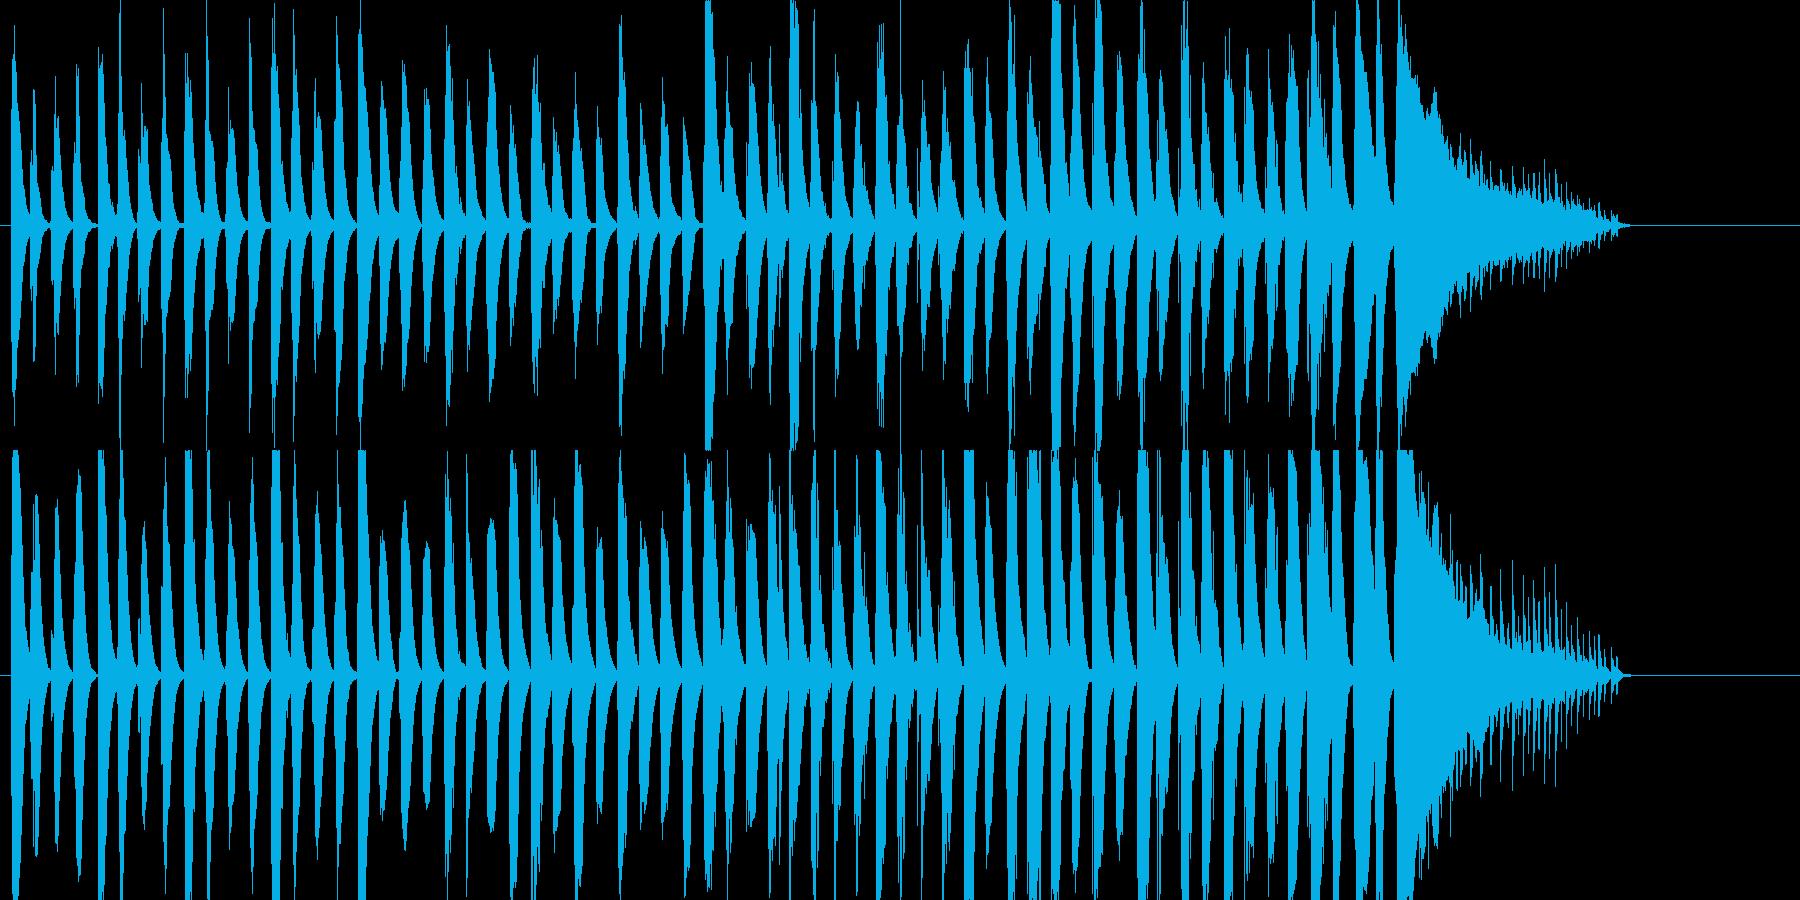 ピアノとパーカッションのほのぼのとした曲の再生済みの波形